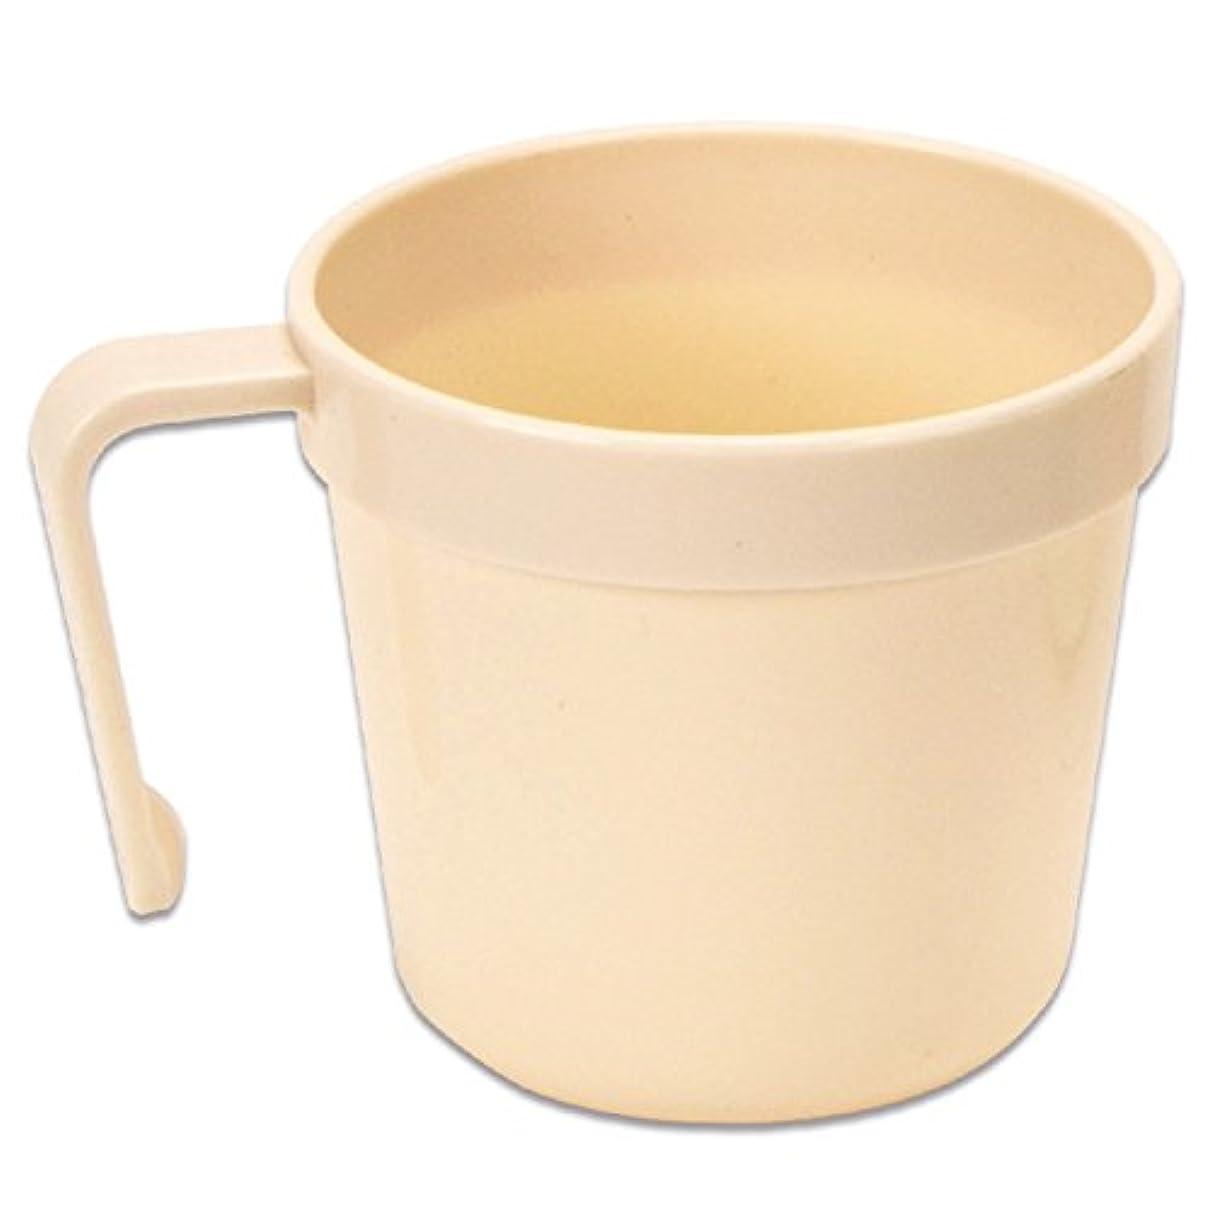 恩赦予測する歴史家伸和(SHINWA) プラスチック製アウトドア食器 レジャーカップ